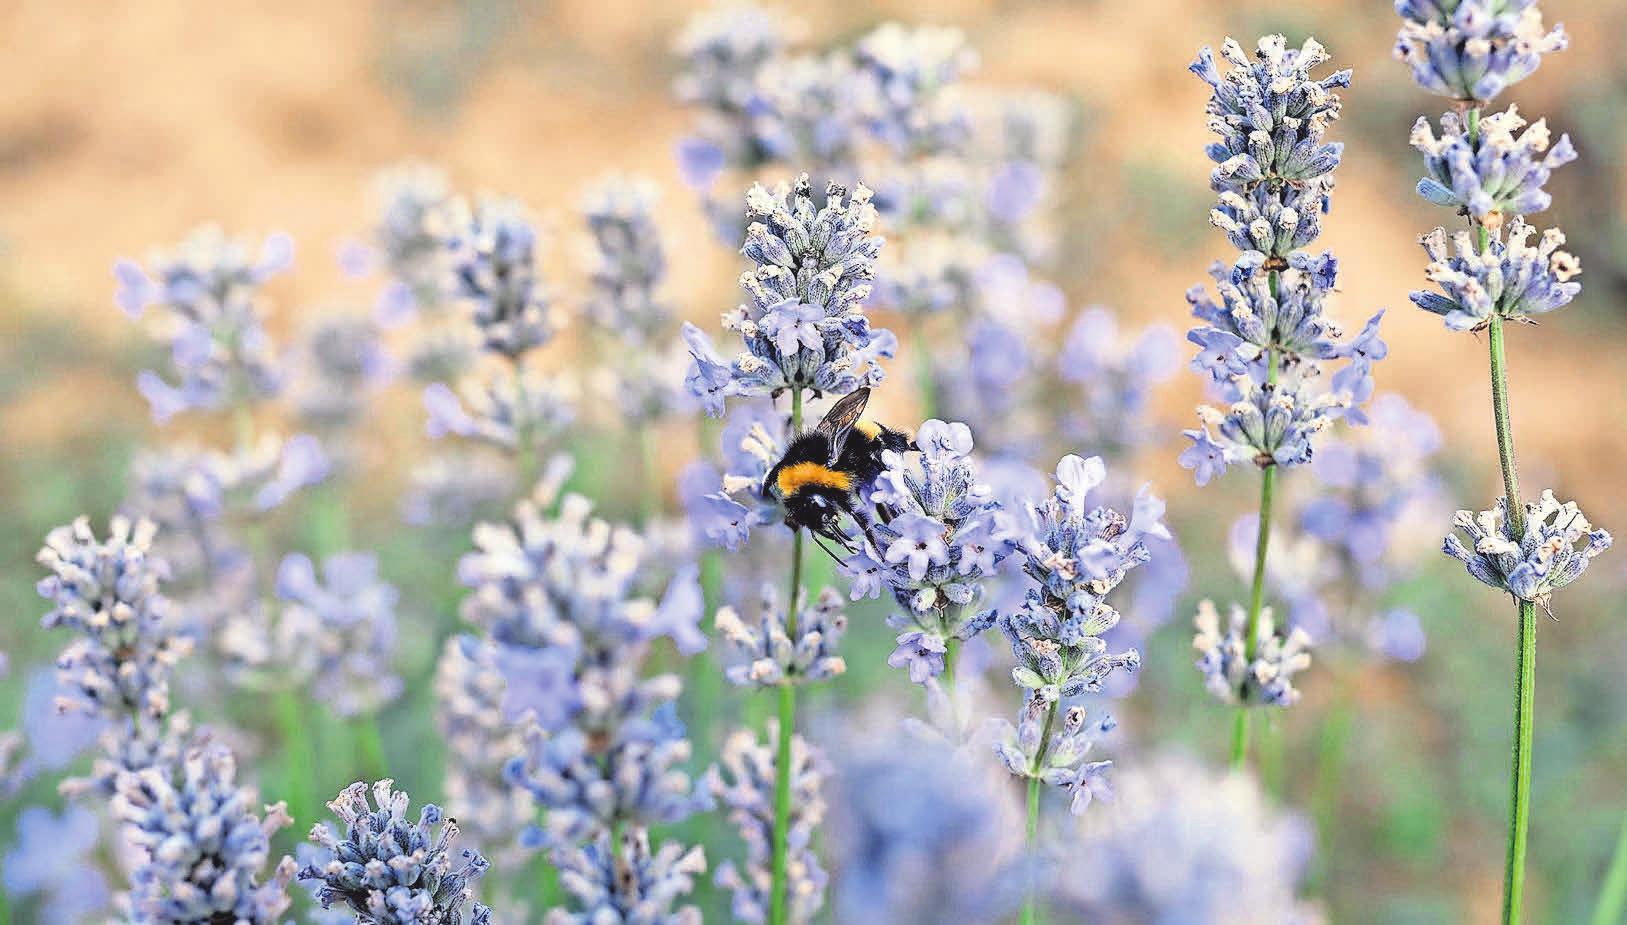 Der echte Lavendel ist eine Entdeckung der Klostermedizin. Als hochdosiertes Öl – wie in Lasea-Kapseln – bringt er Ruhe und erholsamen Schlaf zurück. Foto: Dr. Willmar Schwabe/akz-o